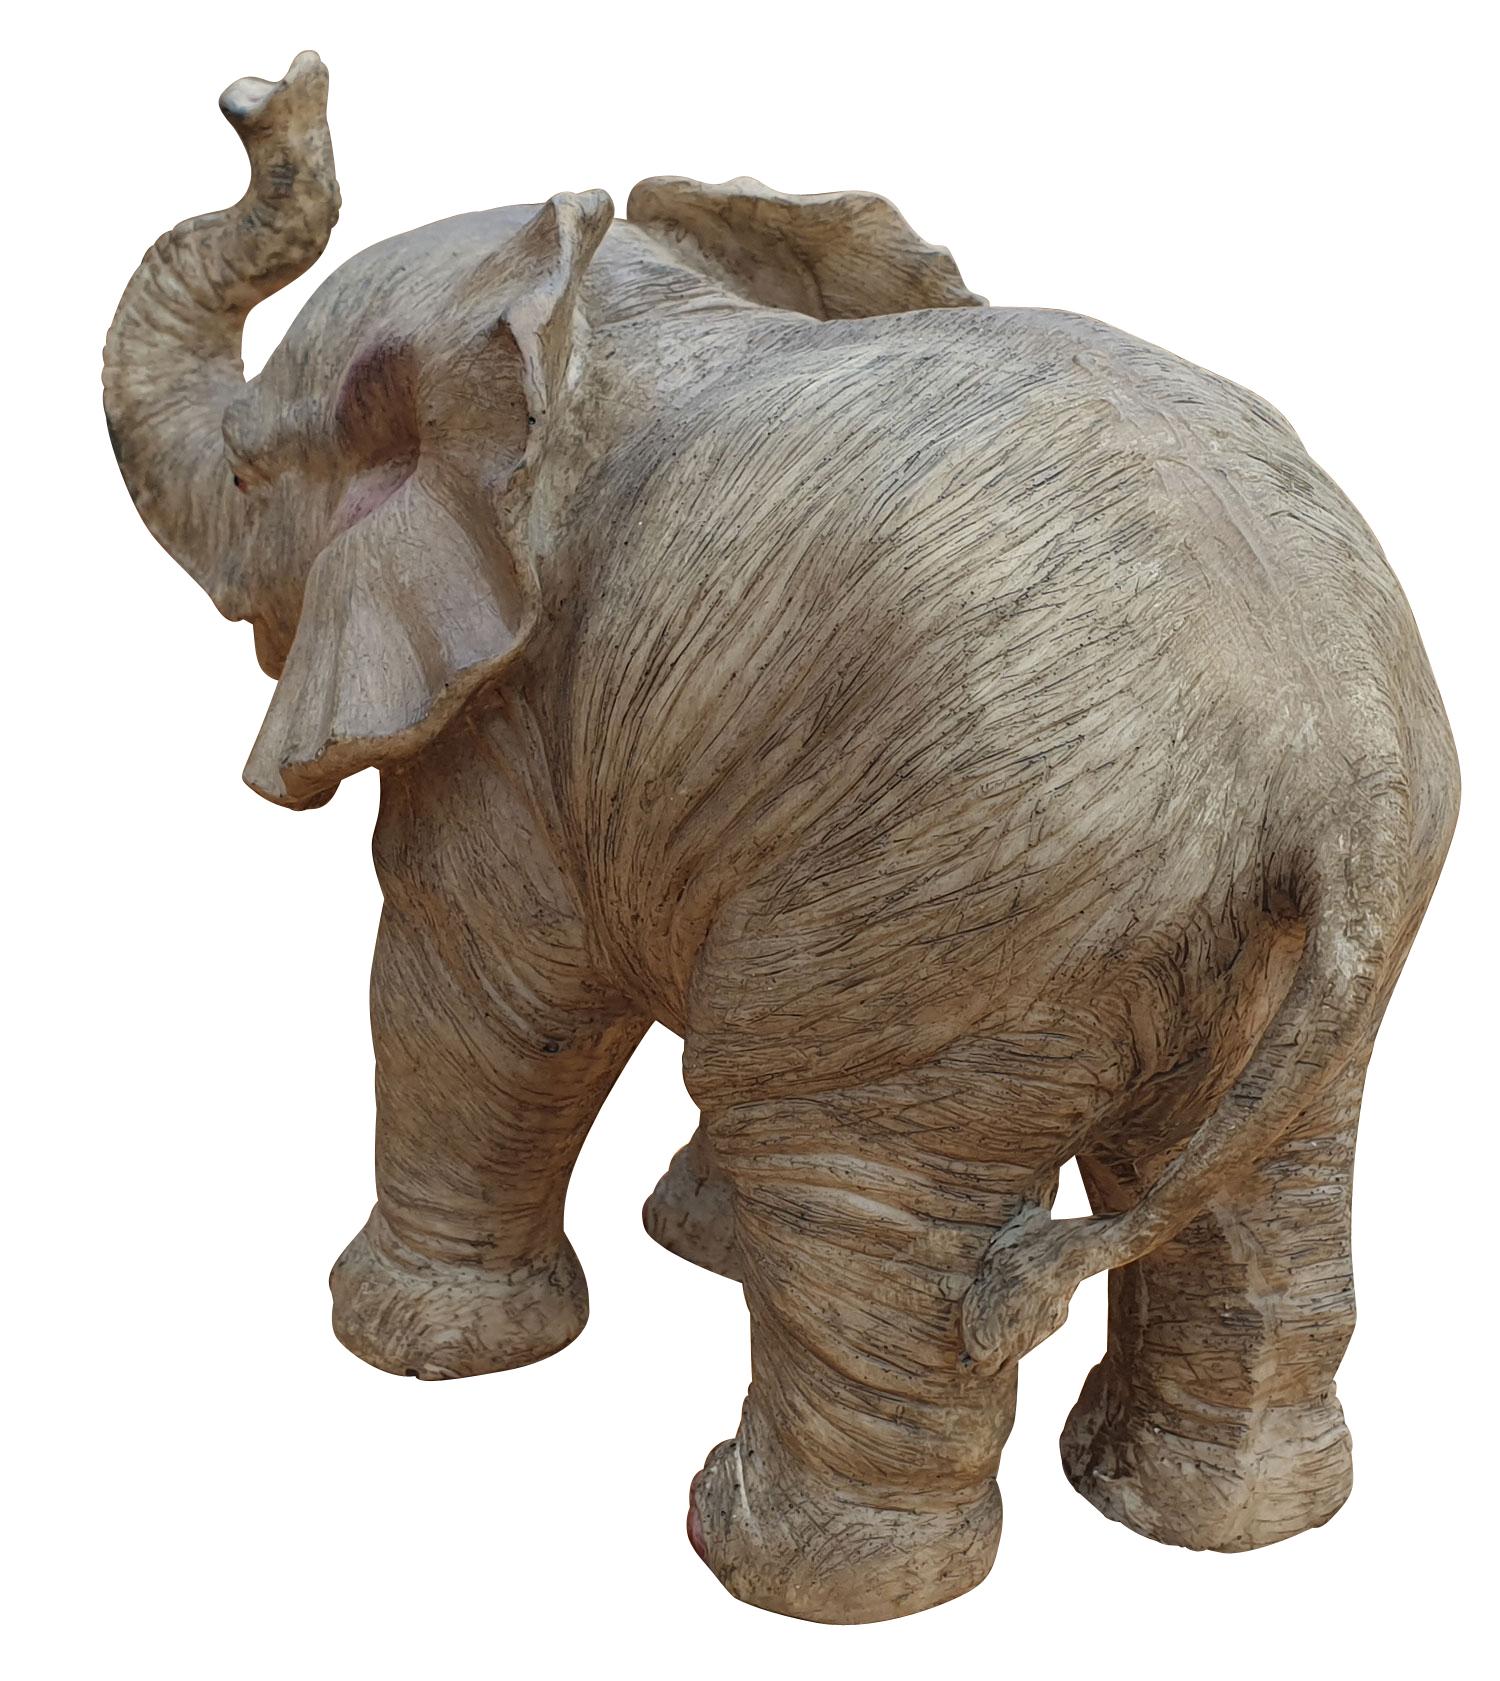 Elefant Glückselefant stehend afrikanische Figur Tierfigur ...